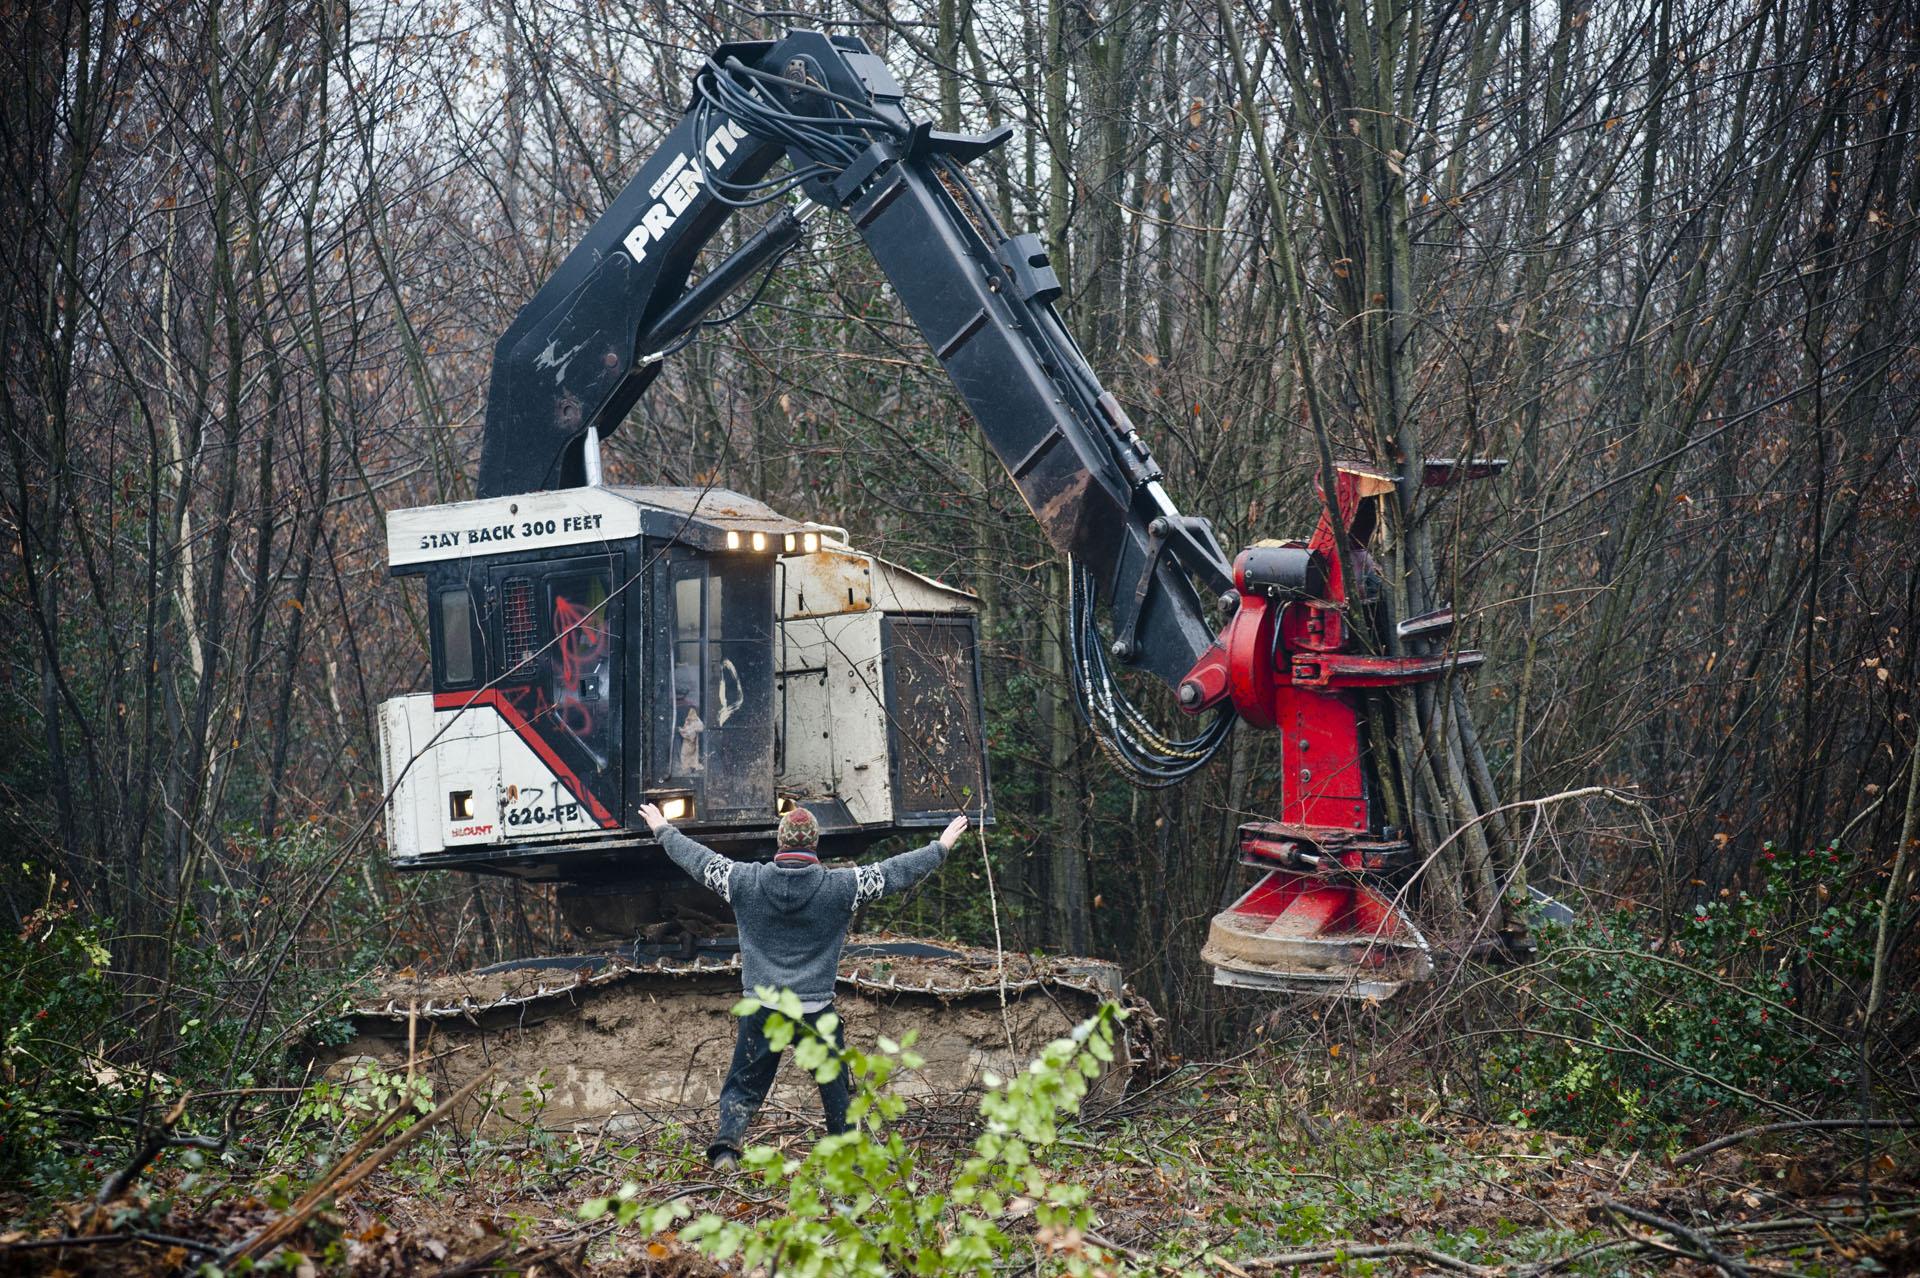 A Roybon (38), site en travaux d'un futur Center Parcs, le 1 decembre 2014, au lendemain de la création officielle de la  ZAD Roybon à la maison des Maquisards, des opposants au projet de Center Parcs tentent de ralentir l'avancé des travaux en s'opposant pacifiquement aux ouvriers du chantier.